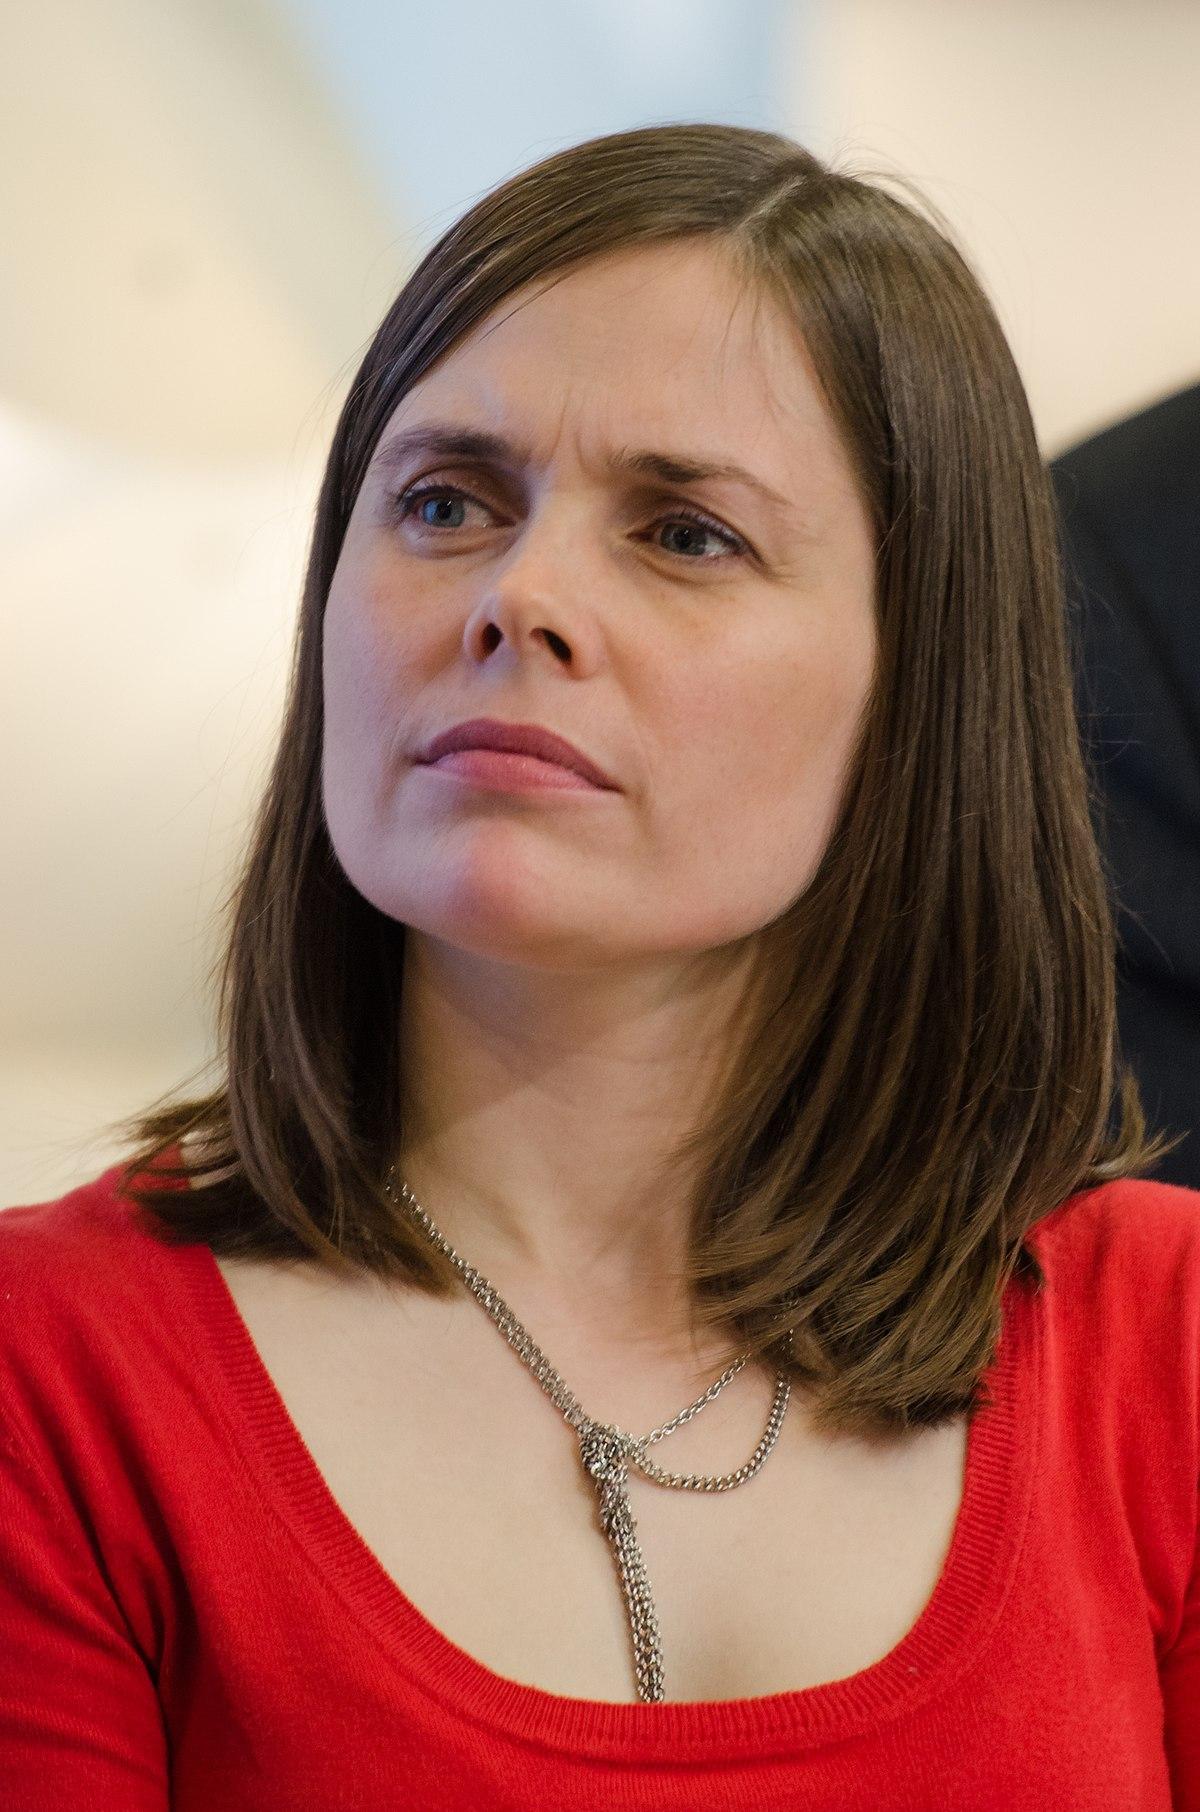 Katrn Jakobsdttir  Wikipedia